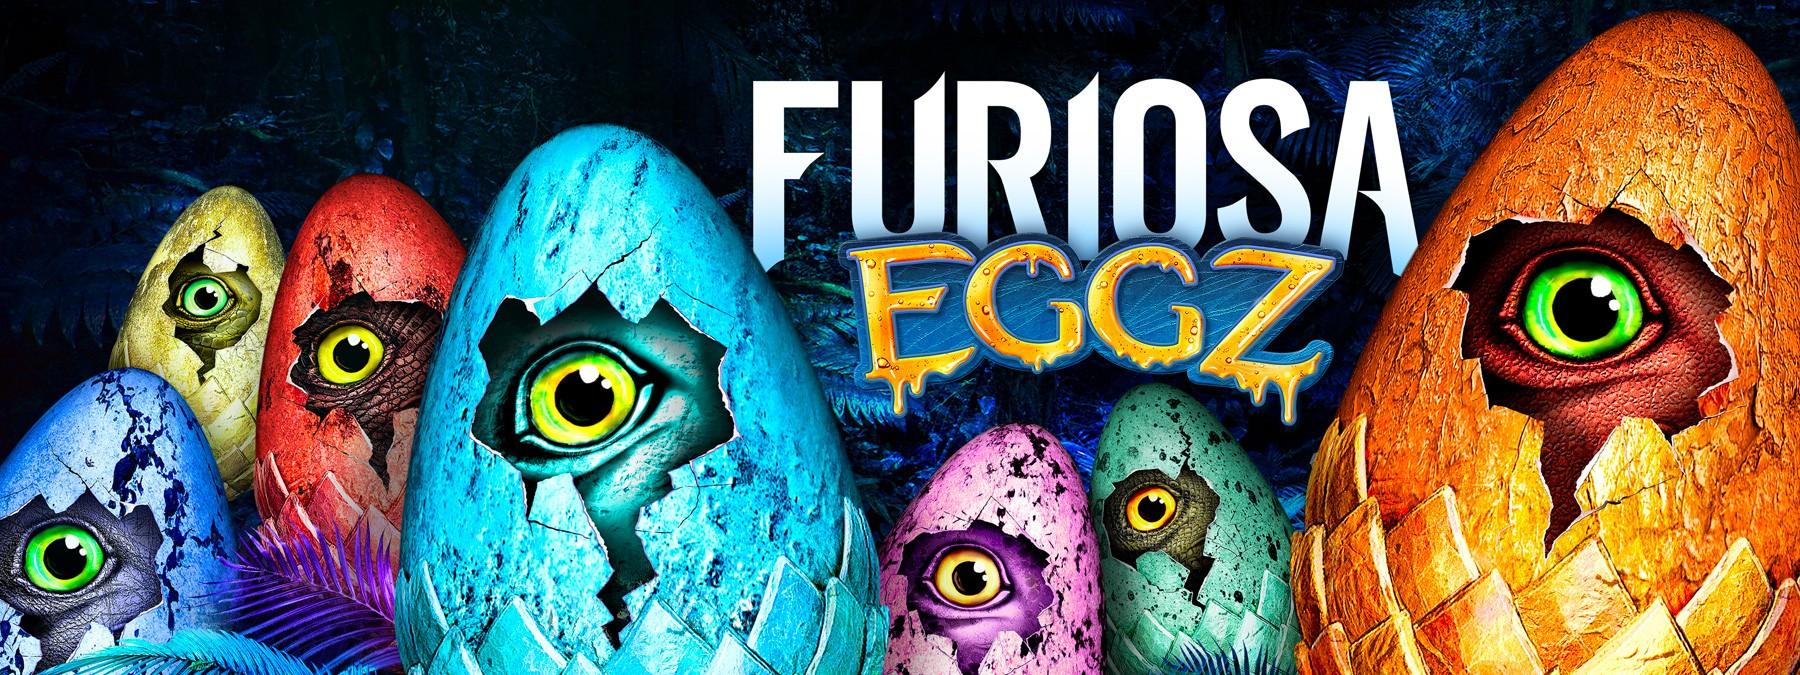 Furiosa Eggz